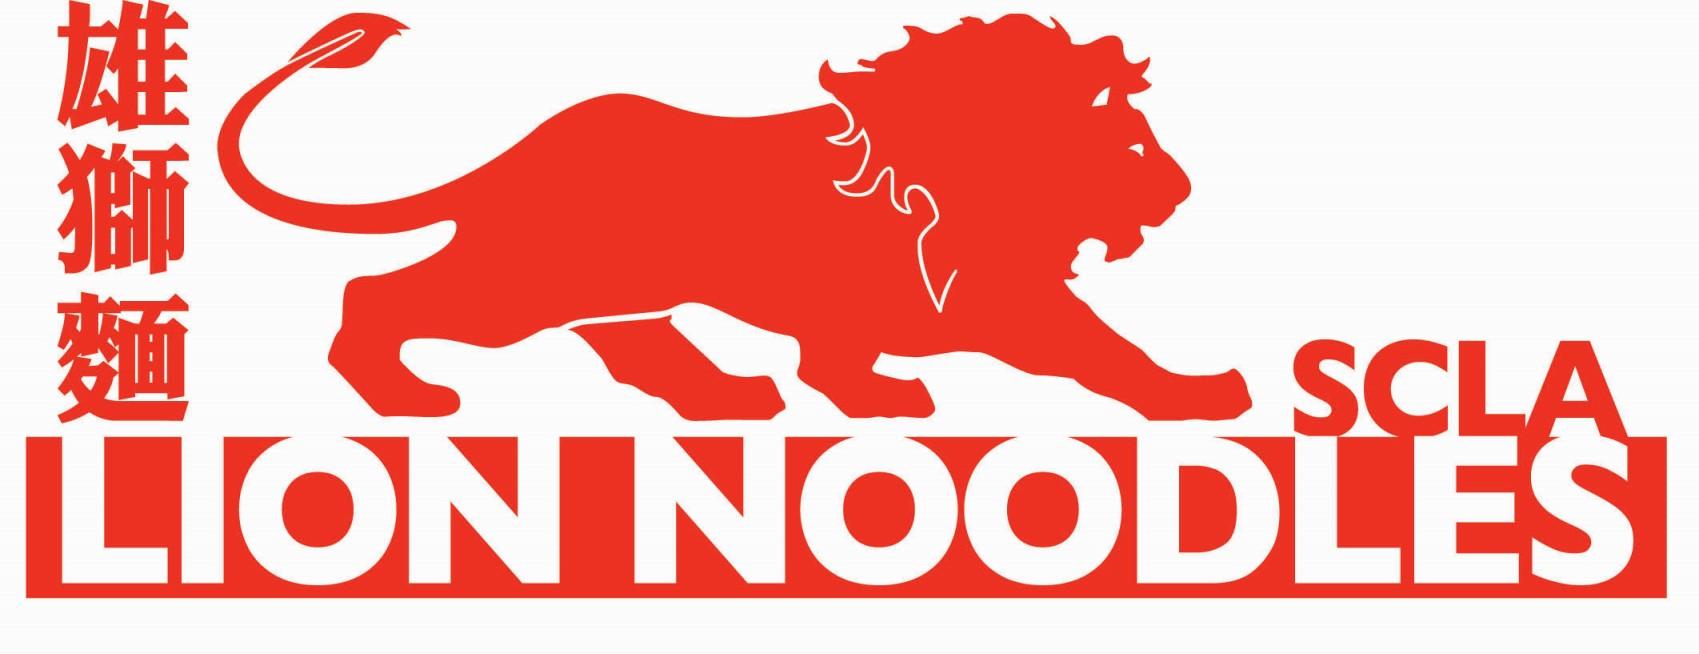 lion-noodles.co.uk